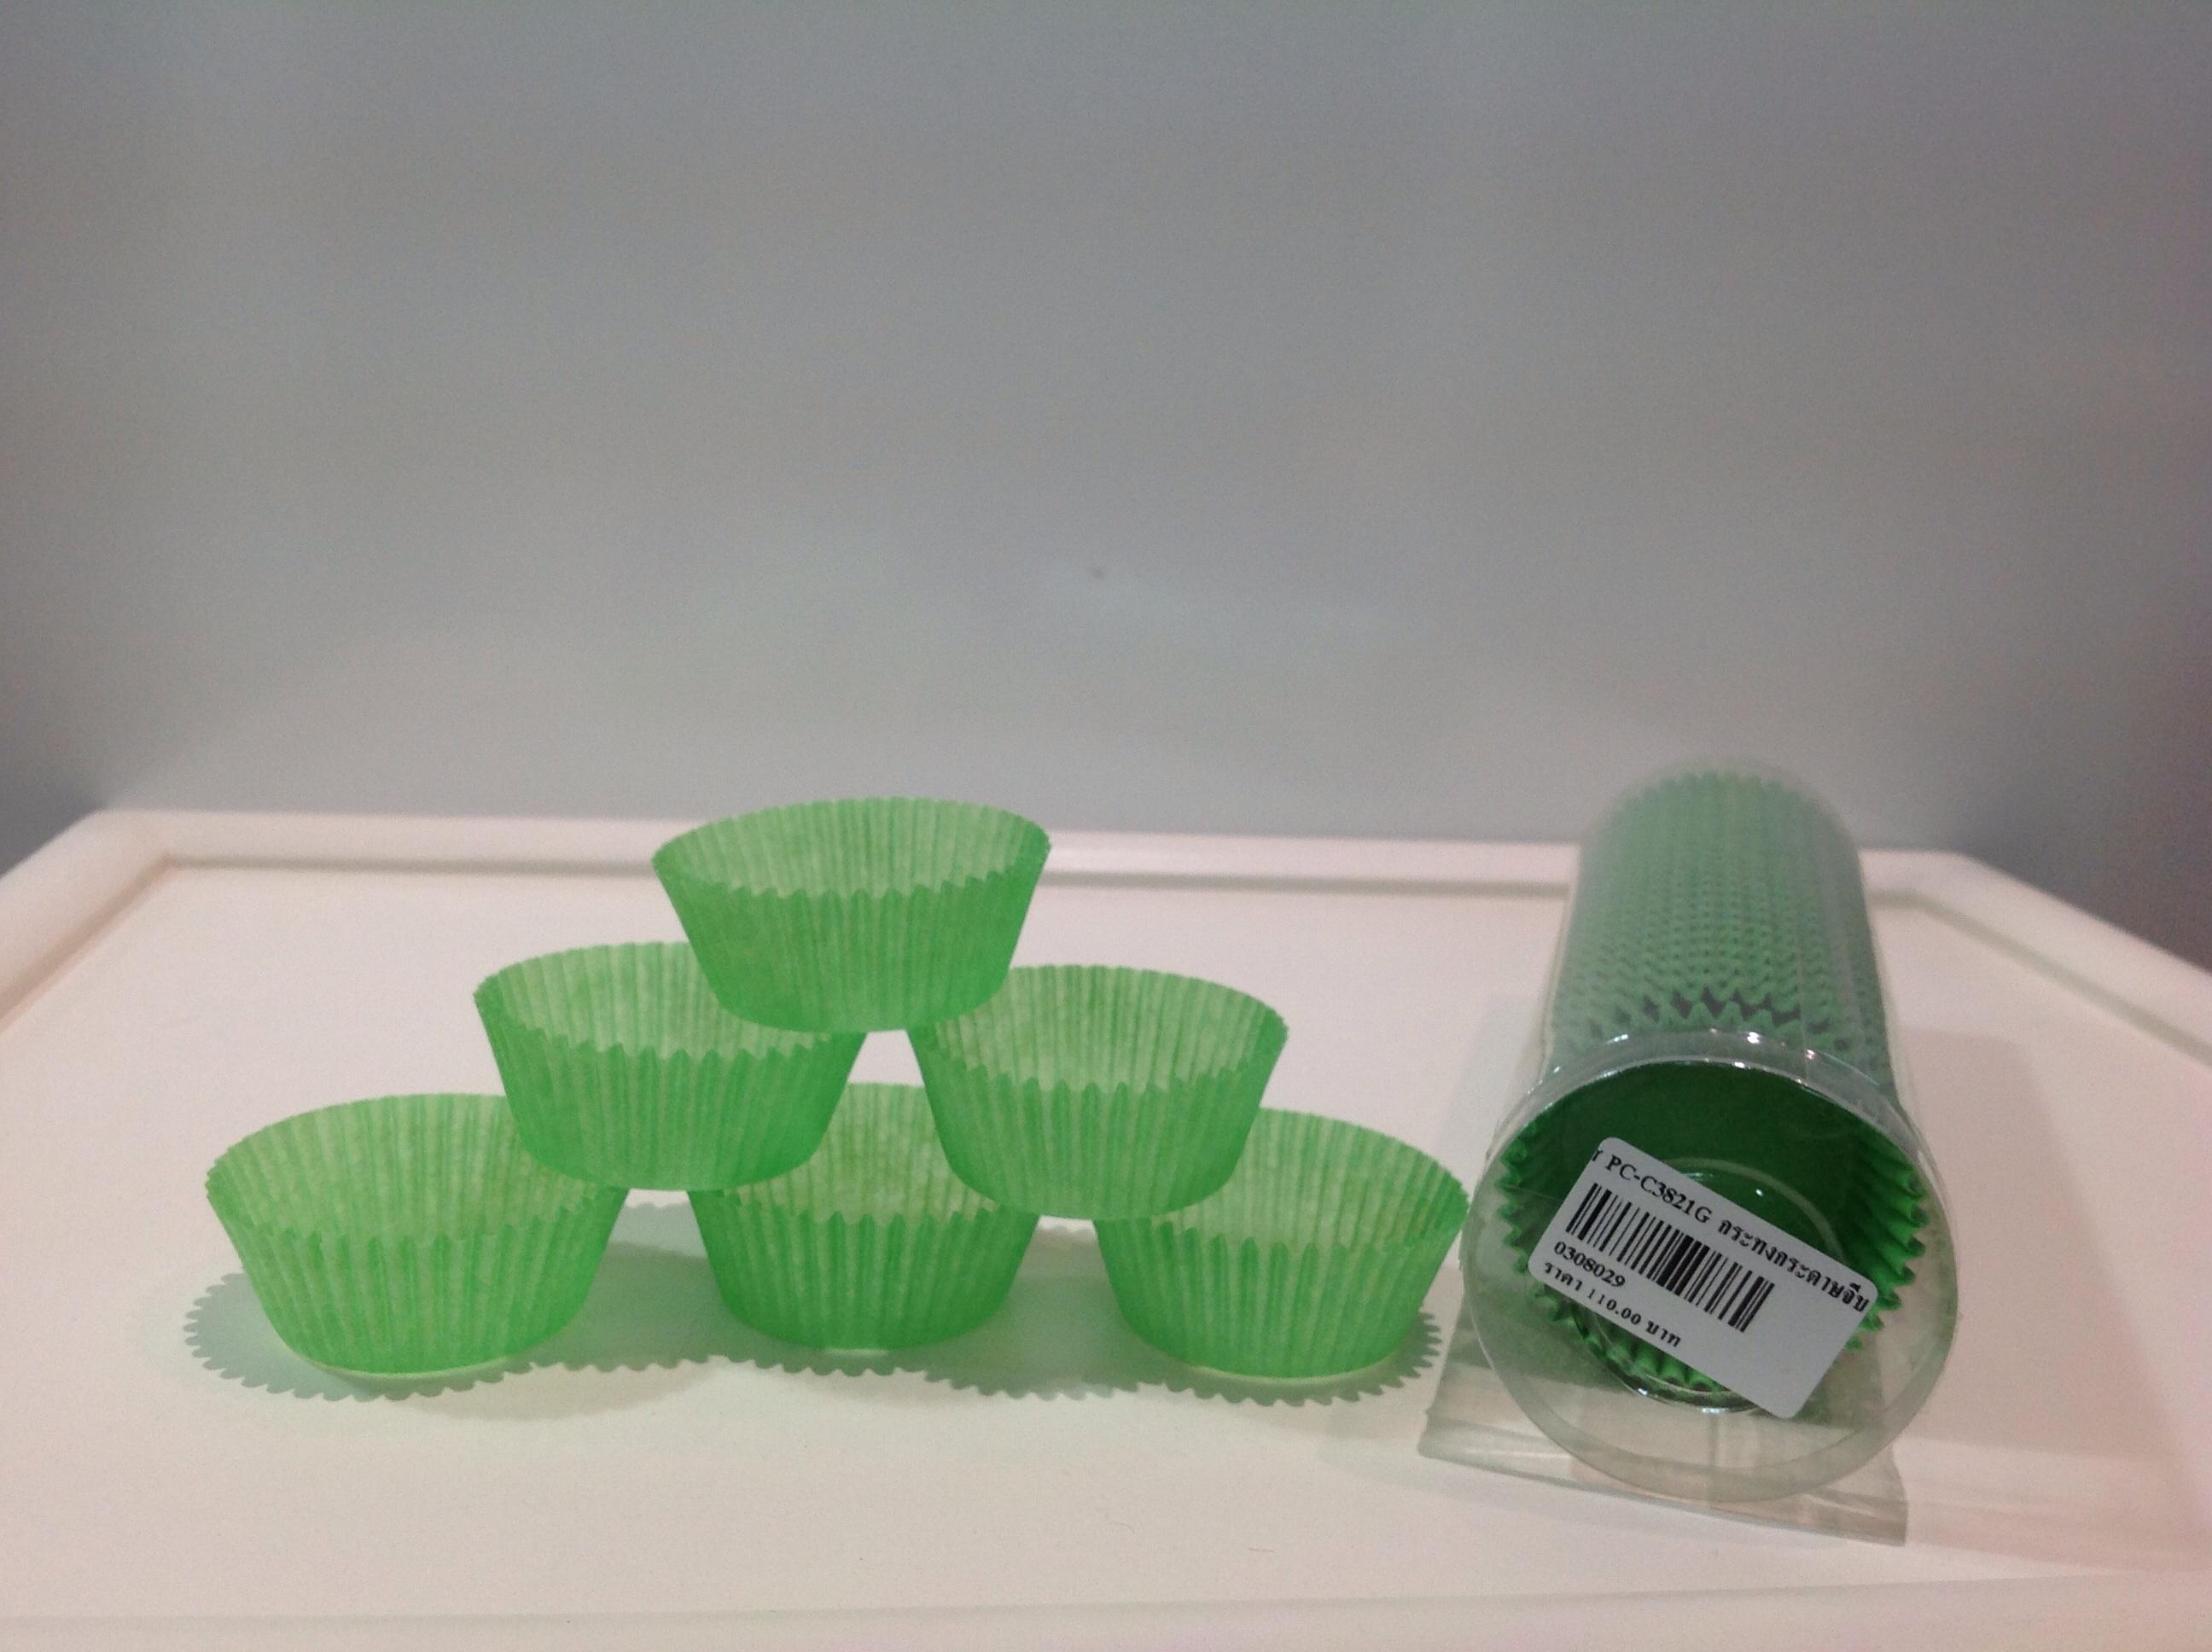 PC-C3821G กระทงกระดาษจีบสีเขียว